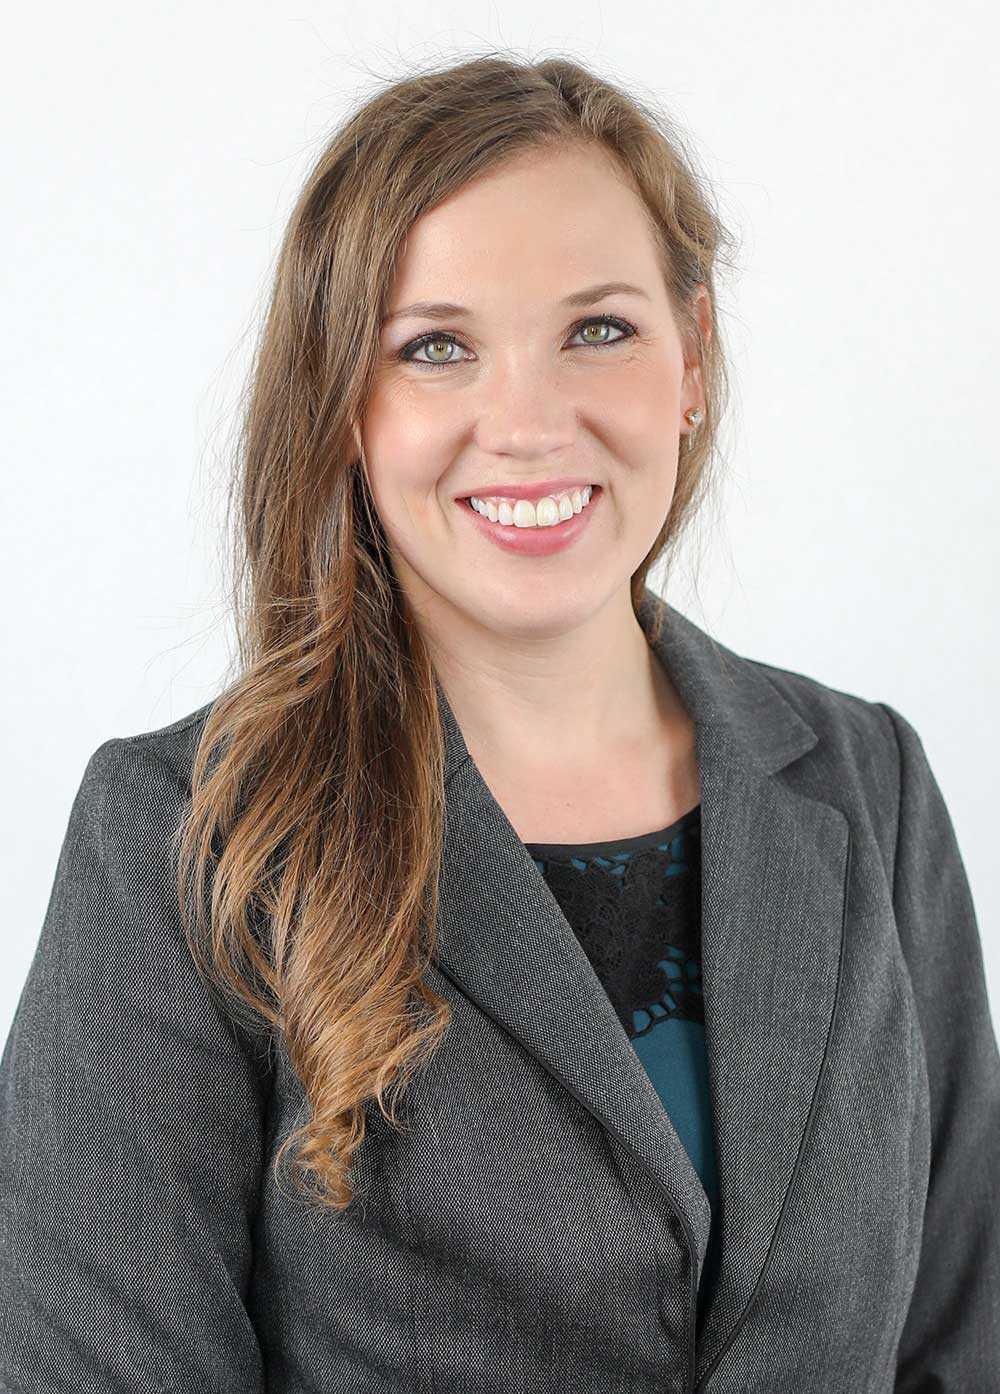 Headshot of Alyssa Aguirre.